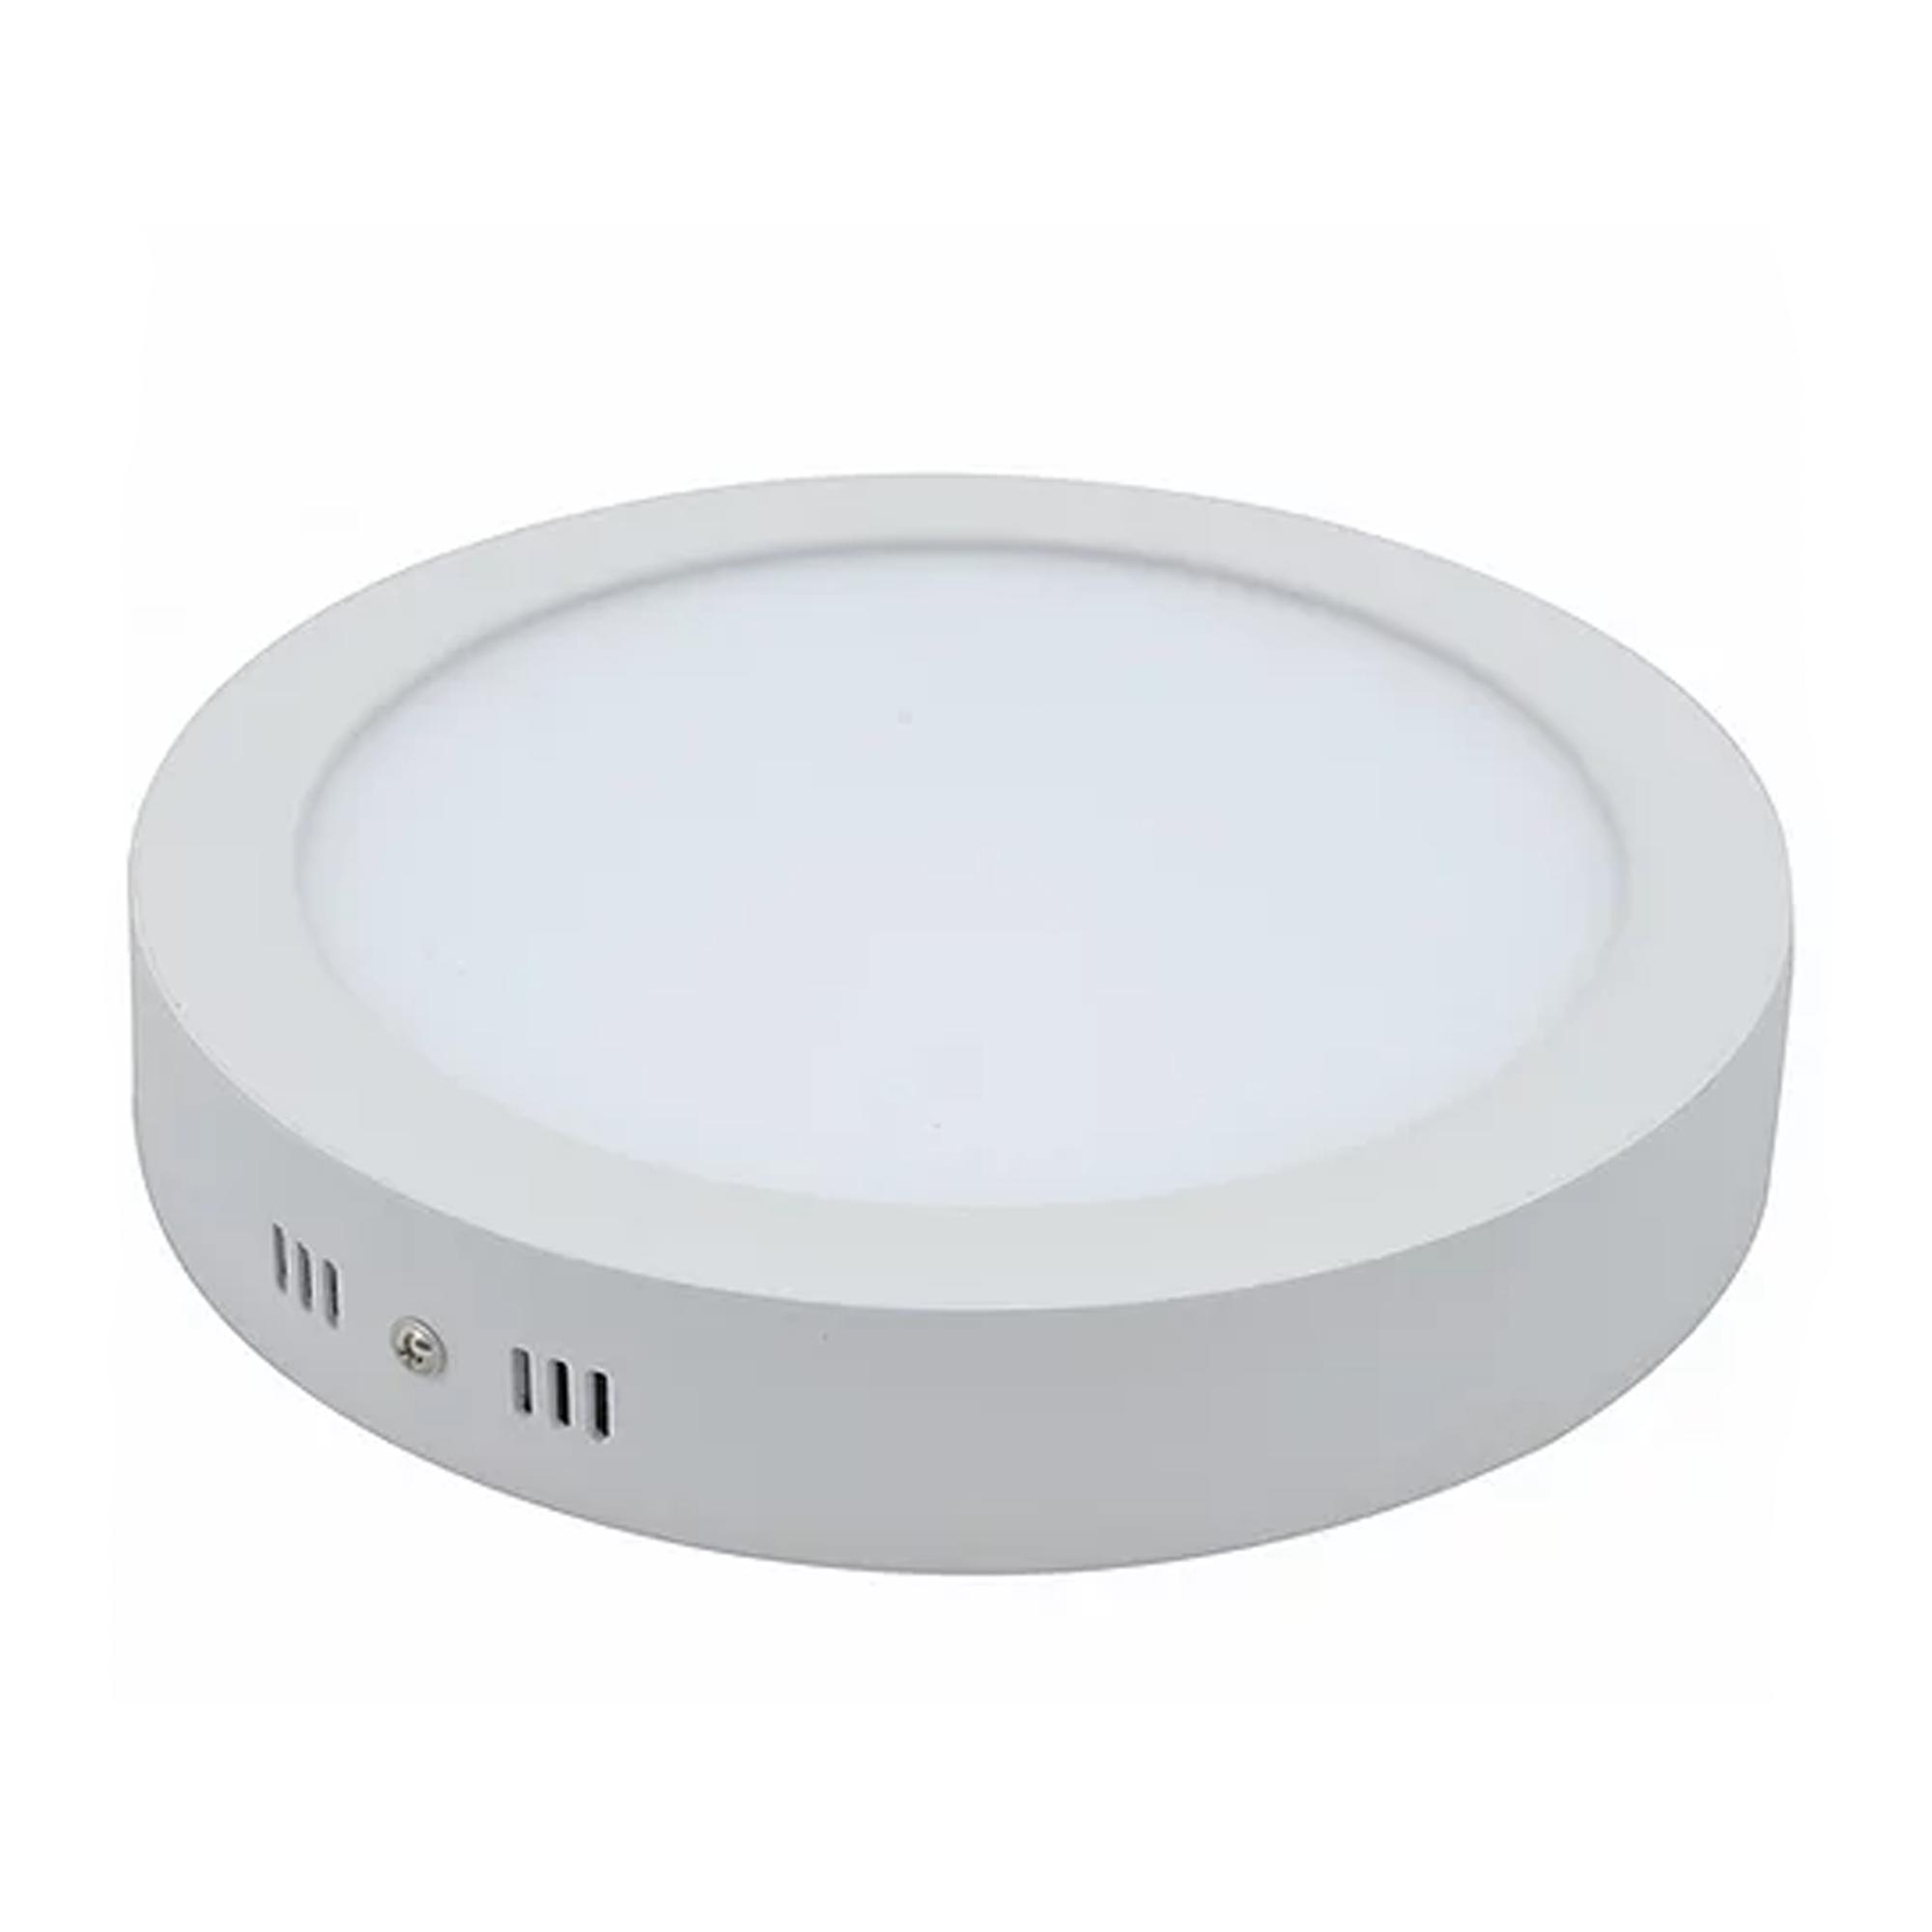 Plafon LED Sobrepor 36W Redondo / Branco quente